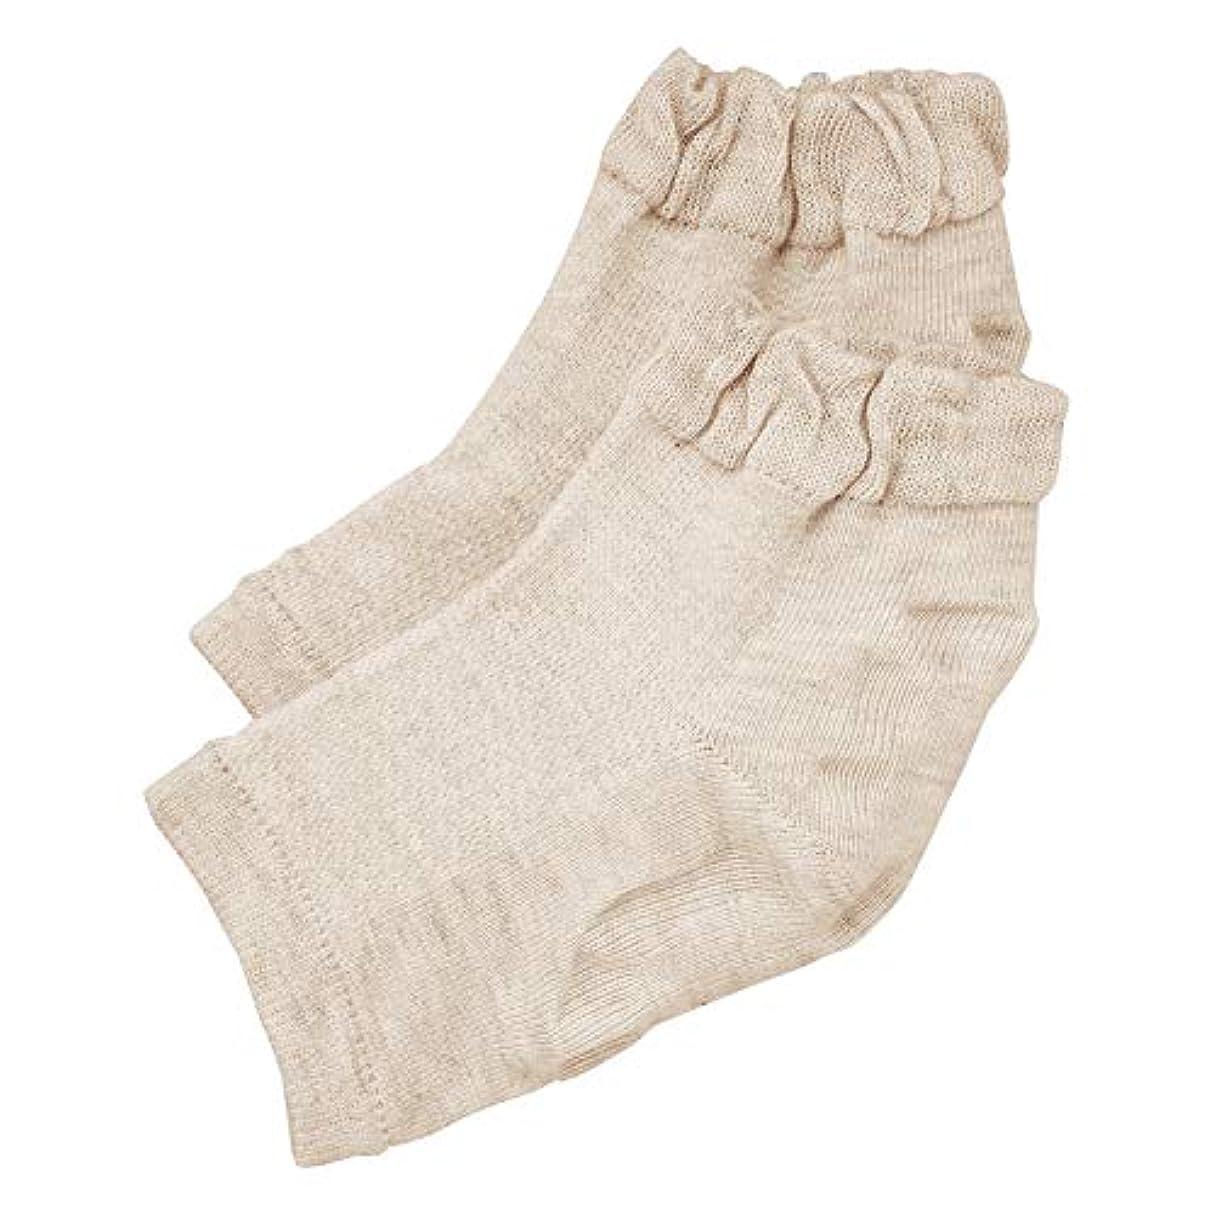 最初に起きているのヒープ履き口ゆったりかかとつるり ケア 靴下 ガサガサ 保湿